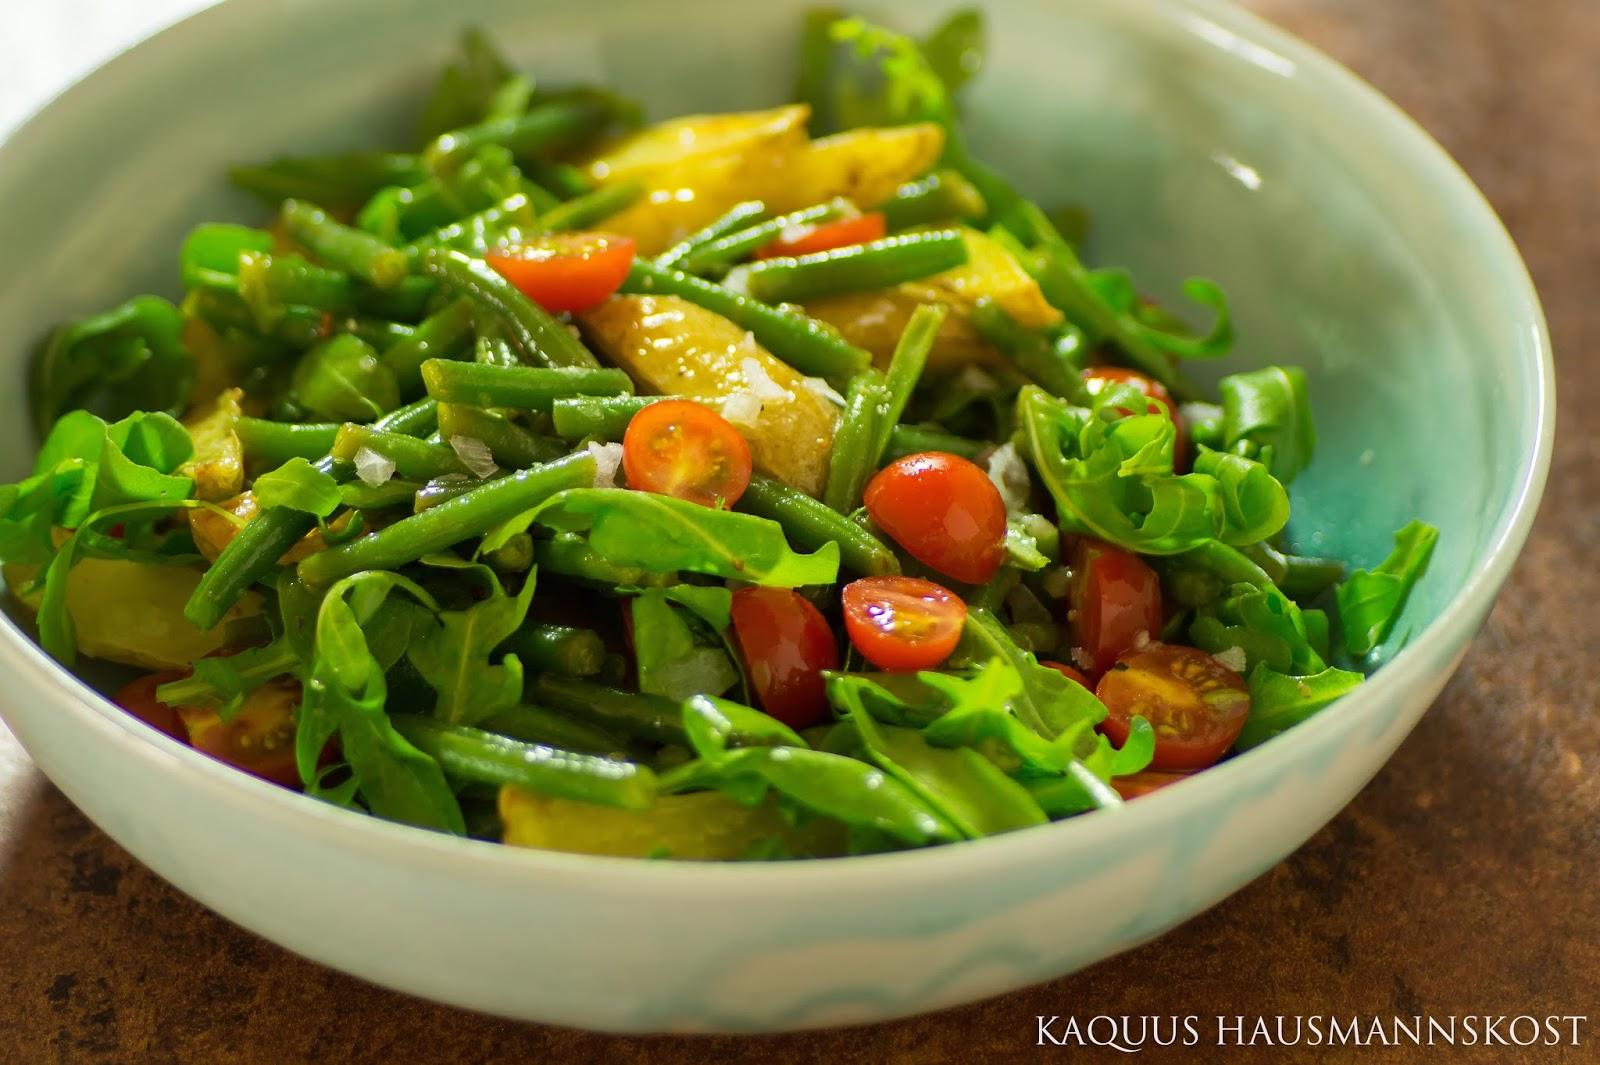 kaquus hausmannskost salat mit gebackenen kartoffeln nach siebeck. Black Bedroom Furniture Sets. Home Design Ideas